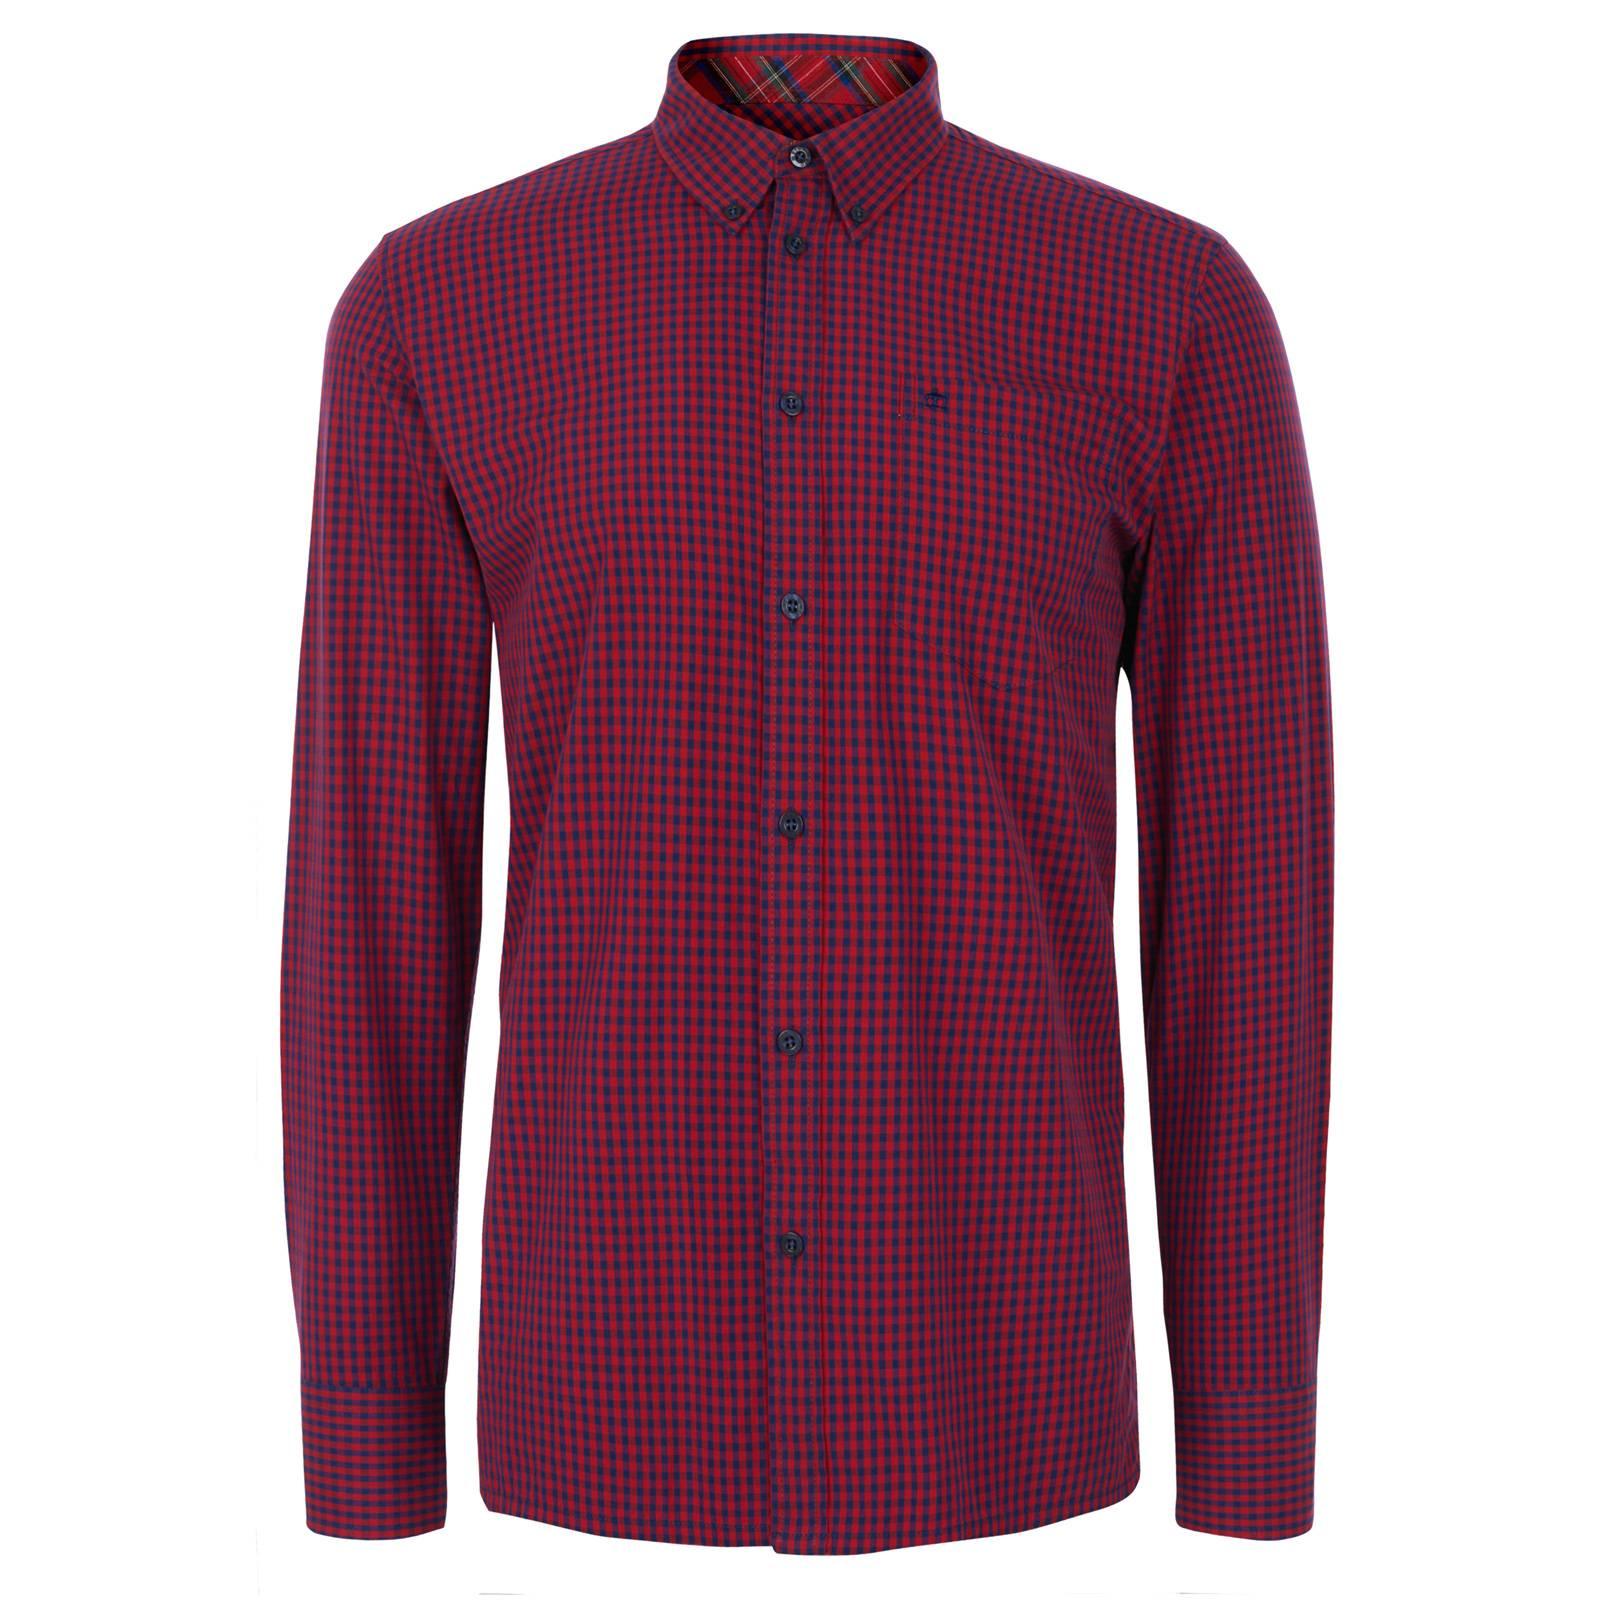 Рубашка JapsterCORE<br>Классическая, приталенная рубашка всесезонной базовой линии CORE производится почти в неизменном виде на протяжении десятилетий, символизируя верность Merc своему полувековому наследию и исконному casual стилю. &amp;lt;br /&amp;gt;<br>&amp;lt;br /&amp;gt;<br>Традиционная мелкая двухцветная английская клетка прекрасно сочетается почти с любым трикотажем. Визитная карточка рубашек Merc - воротник &amp;amp;quot;button-down&amp;amp;quot; на пуговицах - делает ее идеальной для комбинации с V-neck свитерами, жилетами и, обязательно, кардиганами с глубоким вырезом горловины.&amp;lt;br /&amp;gt;<br>&amp;lt;br /&amp;gt;<br>Прямой низ позволяет с комфортом заправлять эту рубашку в брюки или джинсы, хотя ее можно носить и на выпуск: под курткой, блейзером или саму по себе.<br><br>Артикул: 1506215<br>Материал: 100% хлопок<br>Цвет: красно-синяя клетка<br>Пол: Мужской